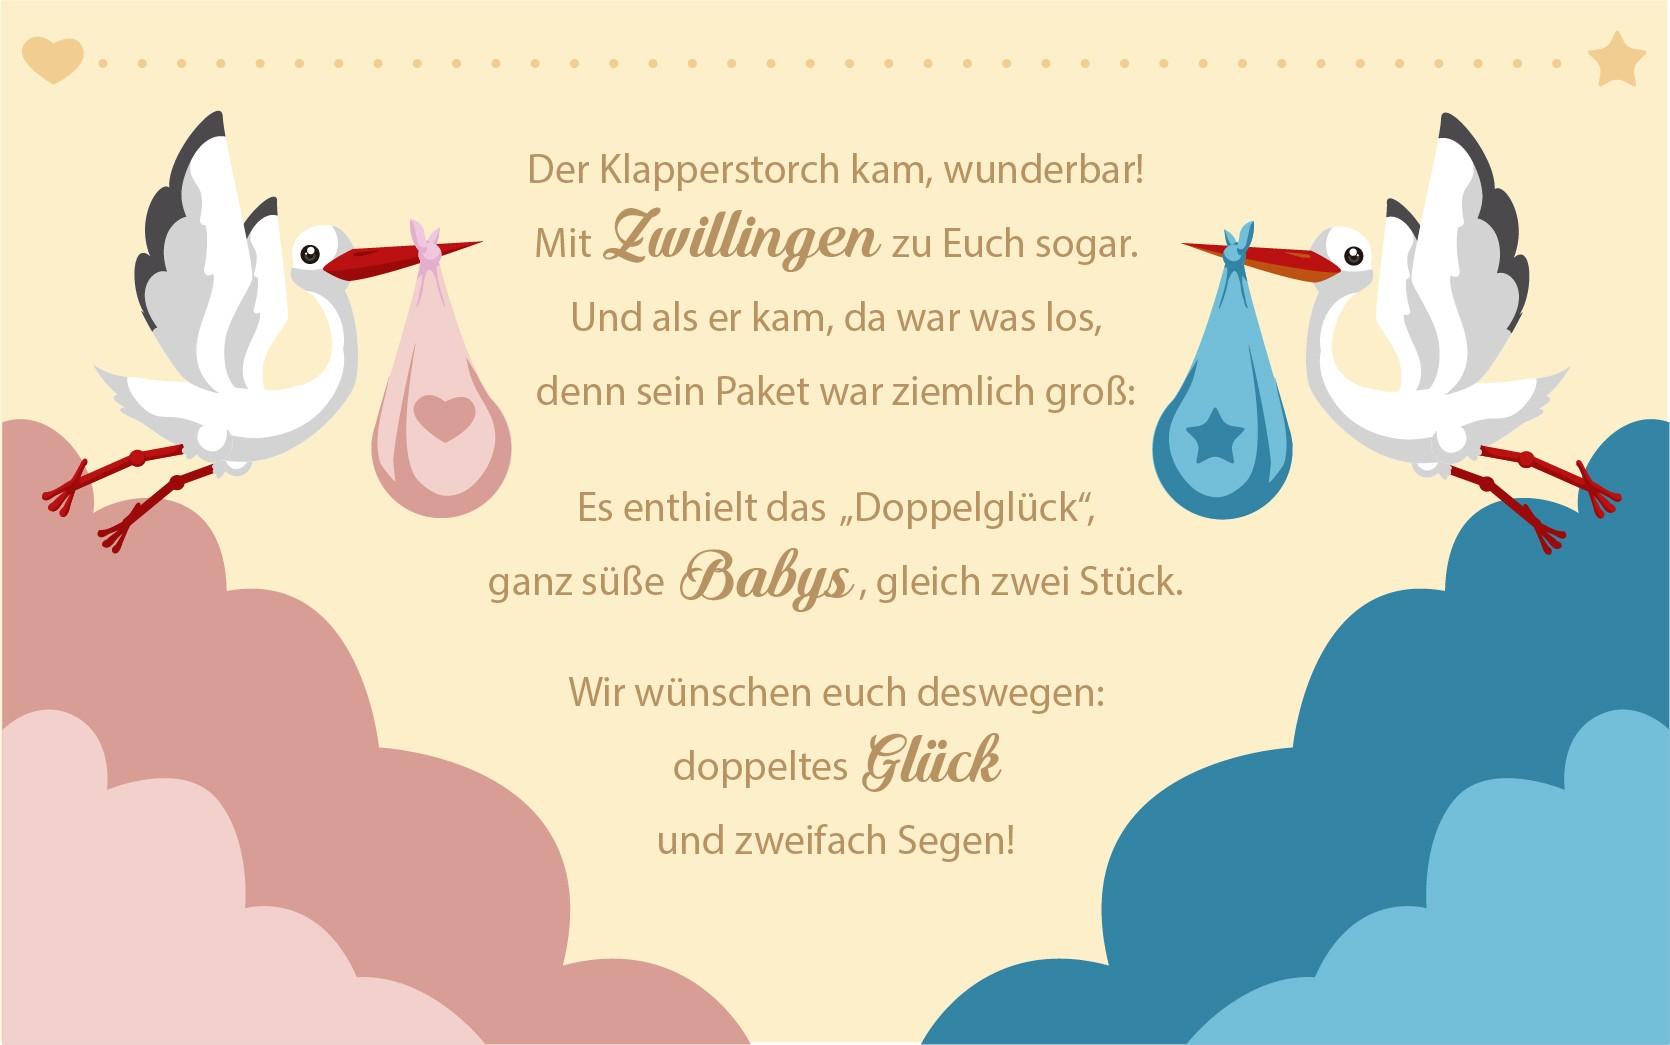 Spruch Zum 18 Geburtstag Für Karte.Karten Geburt Mädchen Cool Frische Spruch Zum 18 Geburtstag Mädchen